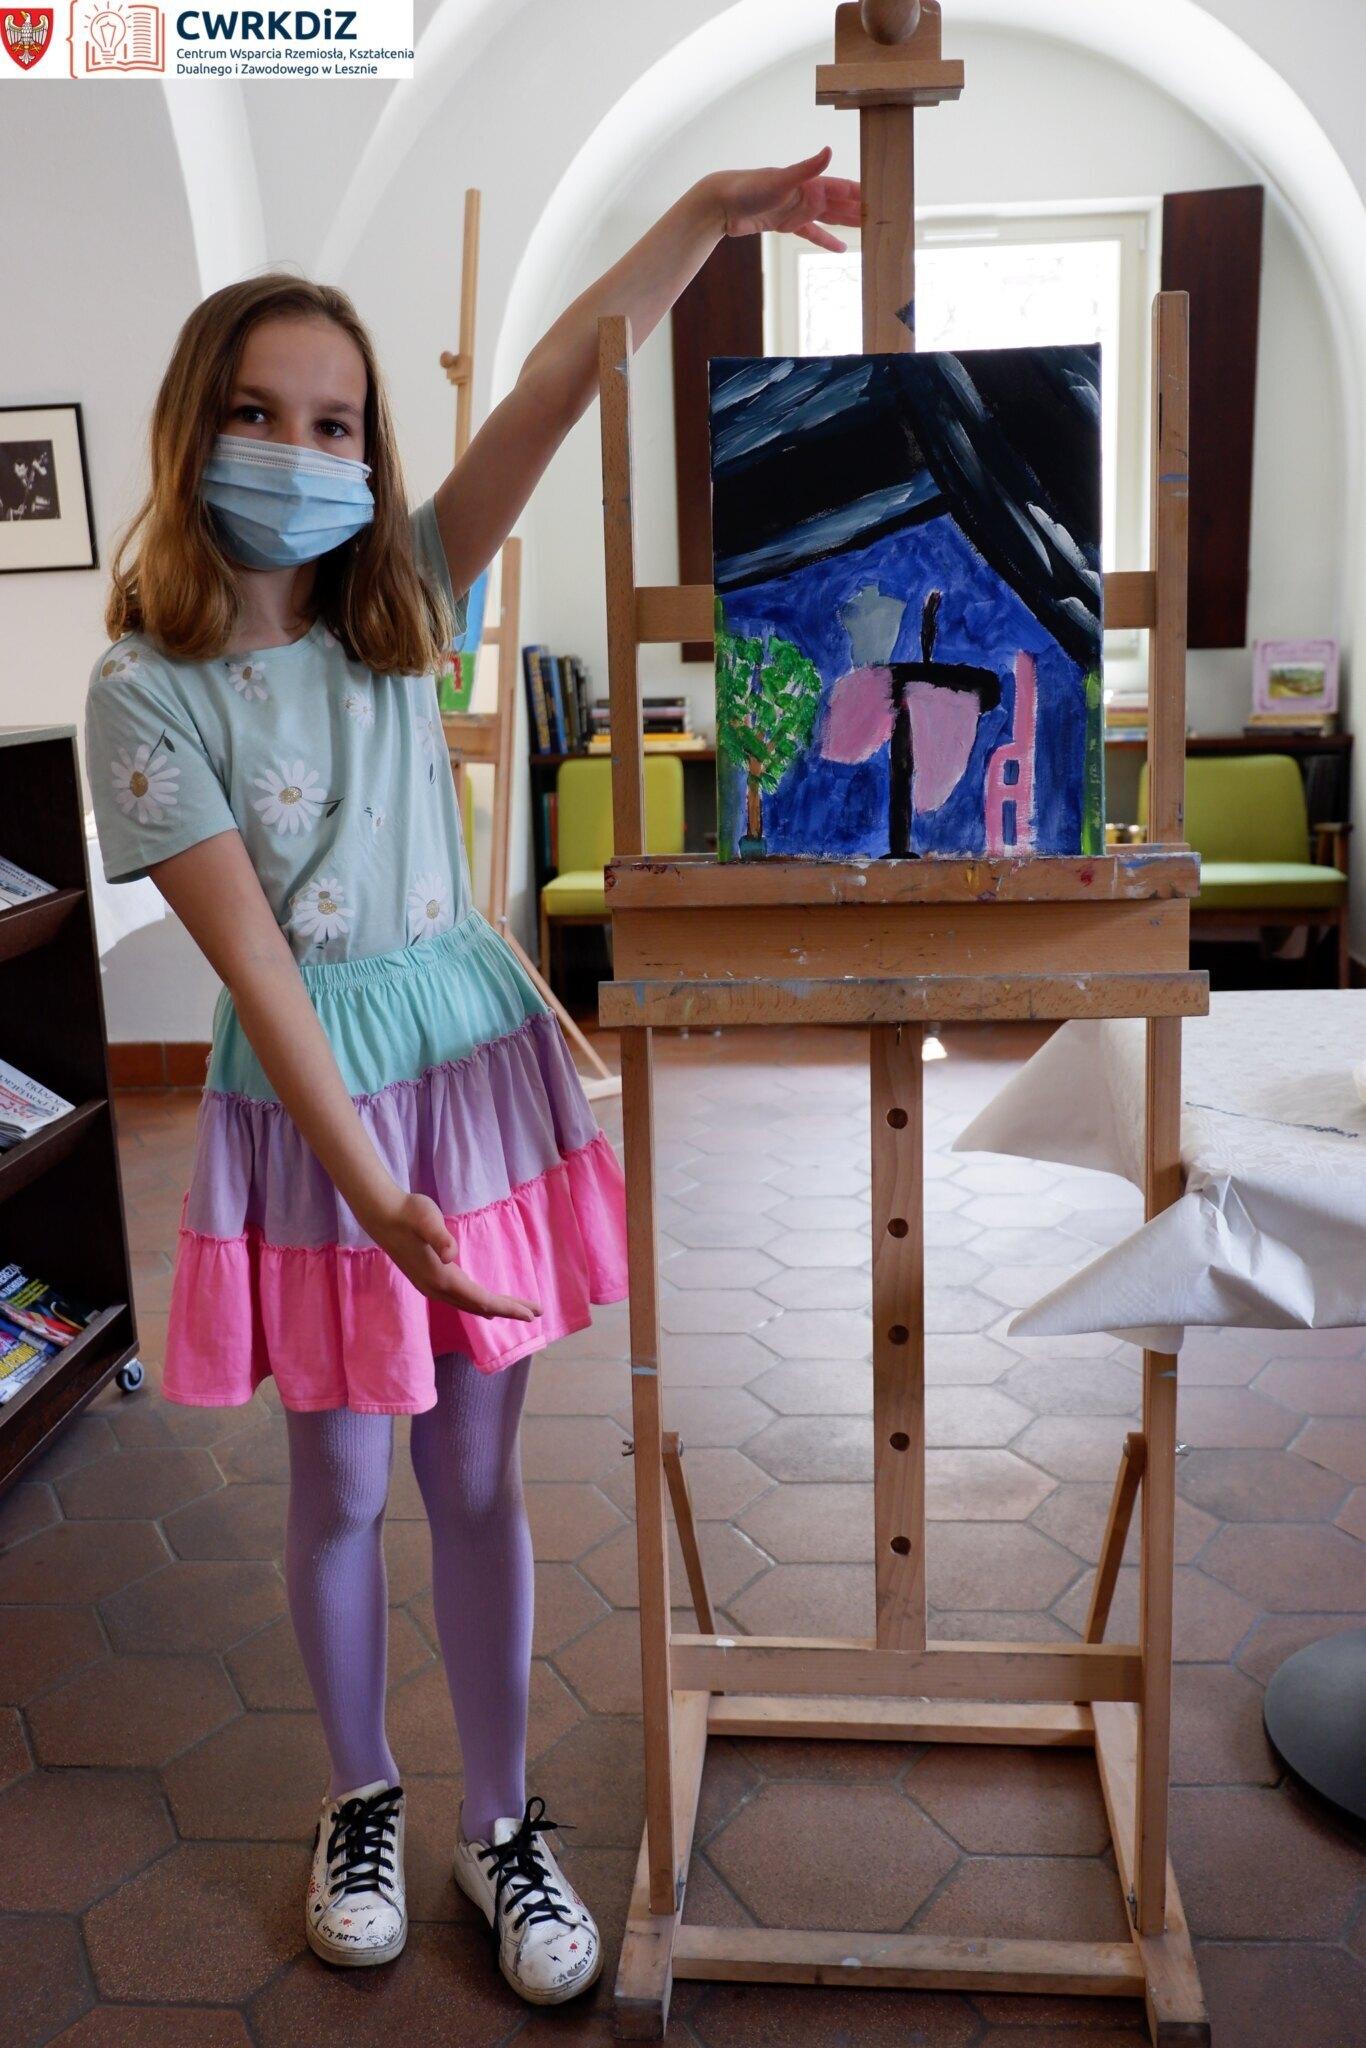 Dziewczynka stoi obok sztalugi i prezentuje postawiony na niej wykonany przez siebie obraz.